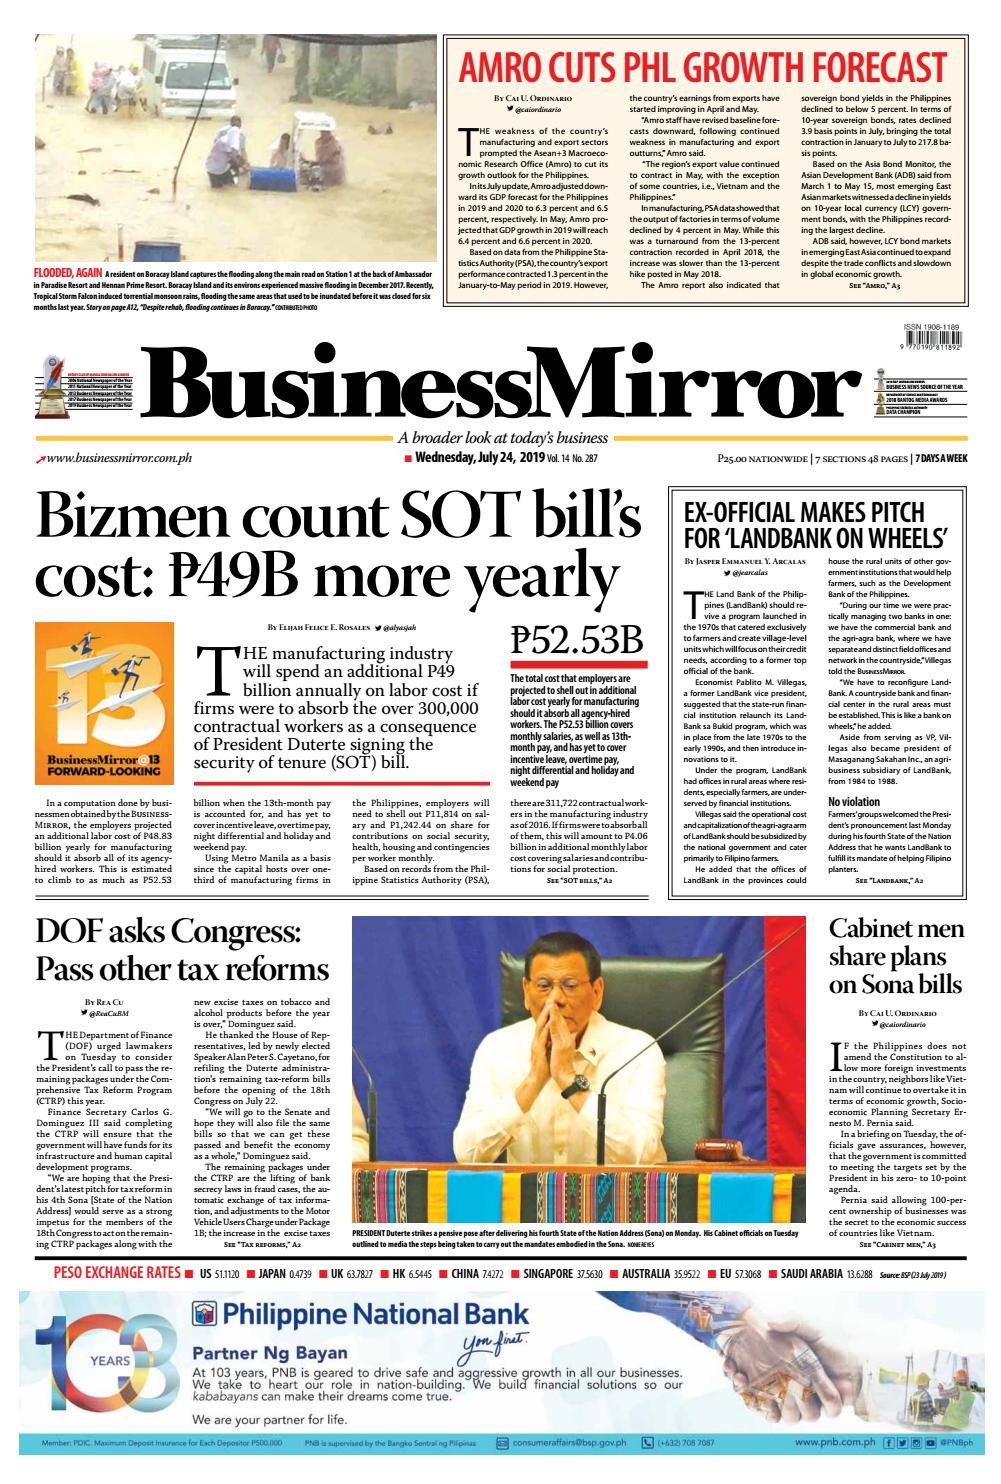 BusinessMirror July 24, 2019 by BusinessMirror - issuu